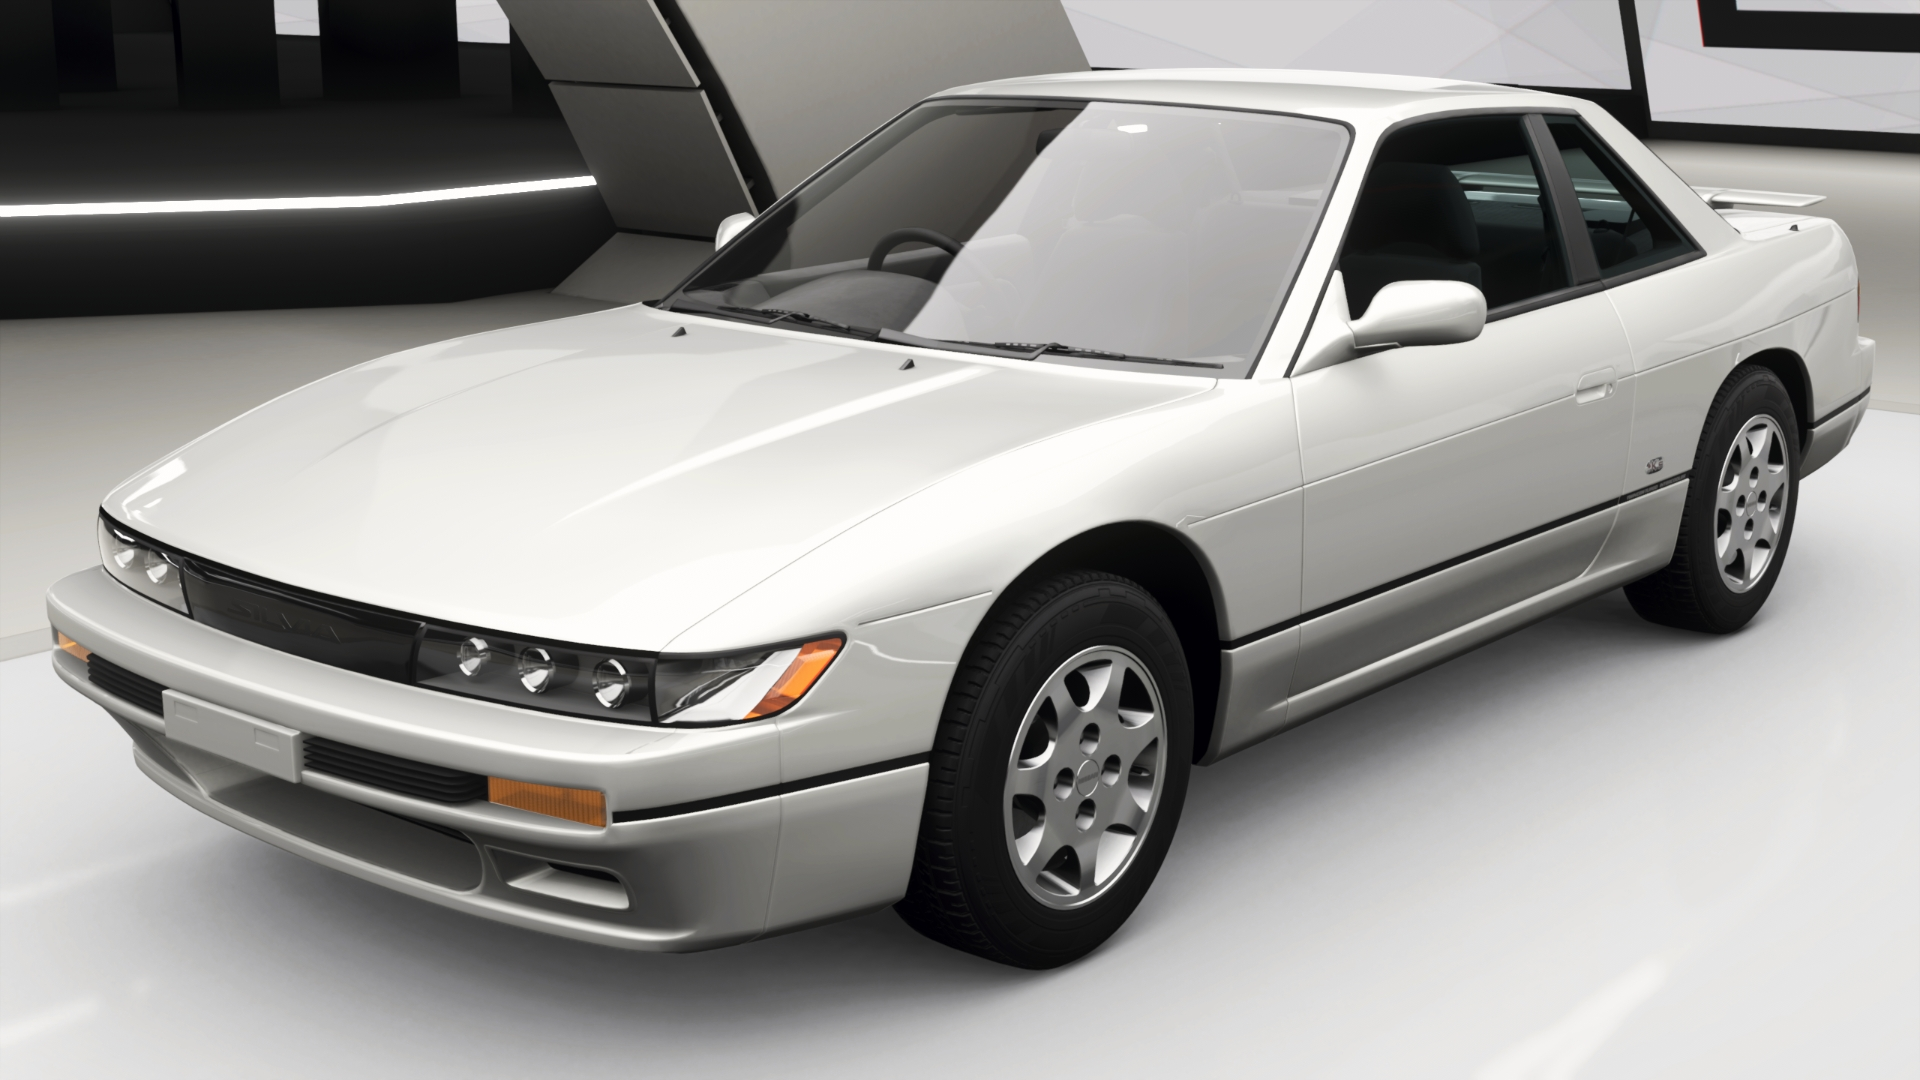 Nissan Silvia Club K's | Forza Motorsport Wiki | FANDOM powered by Wikia